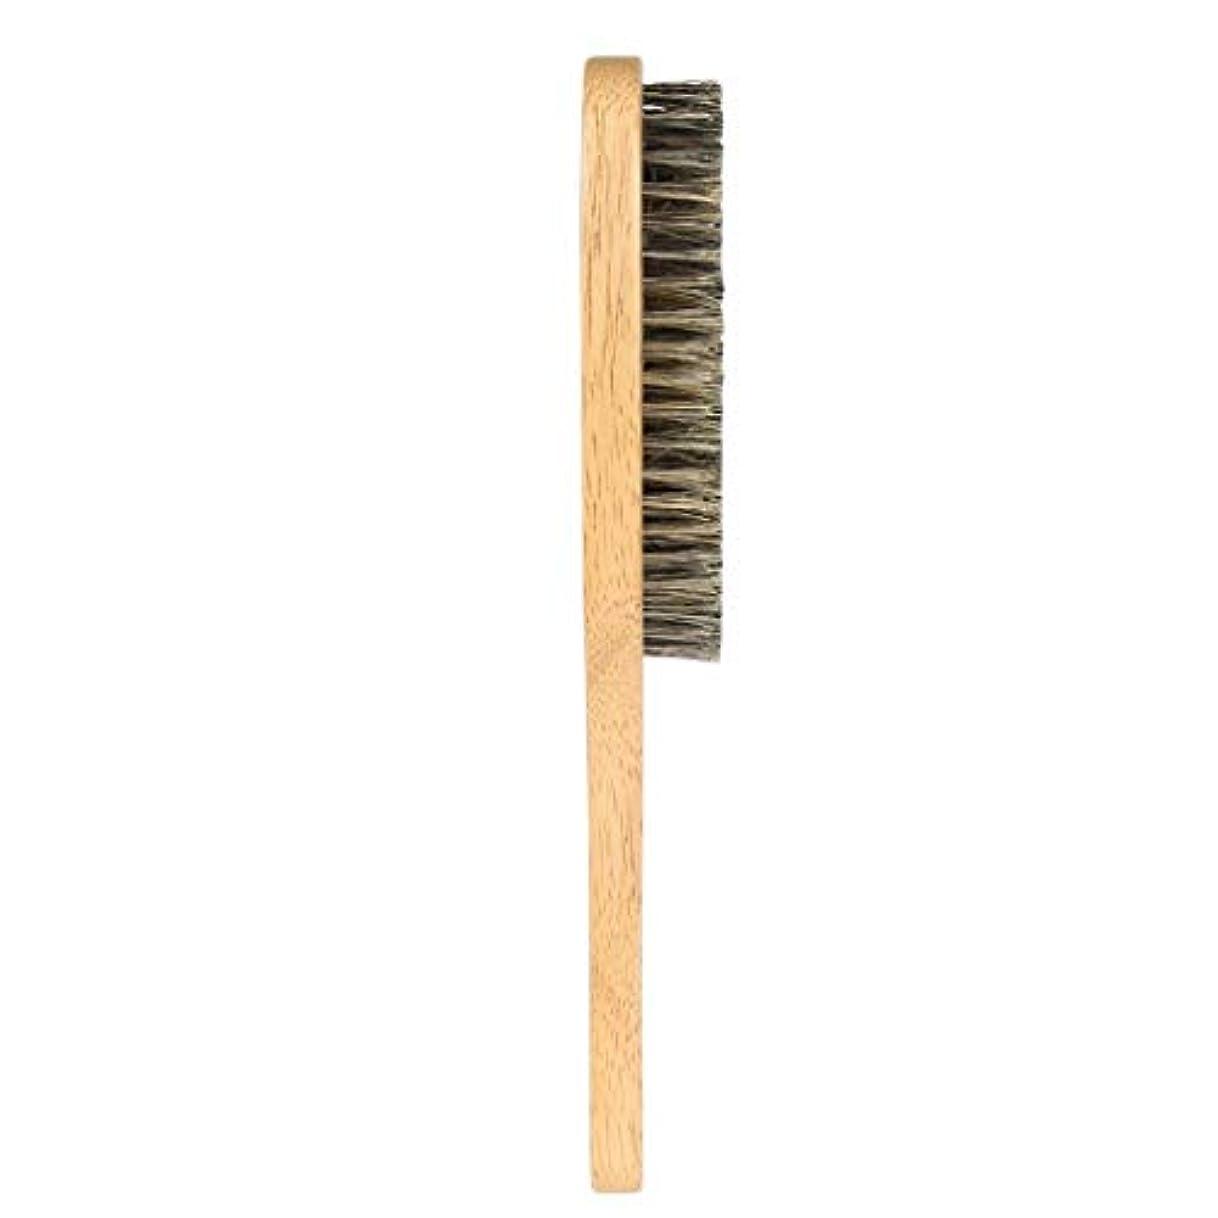 おもしろい土克服するToygogo 男性合成繊維ひげ口ひげブラシ顔毛シェービングブラシw/ハンドル